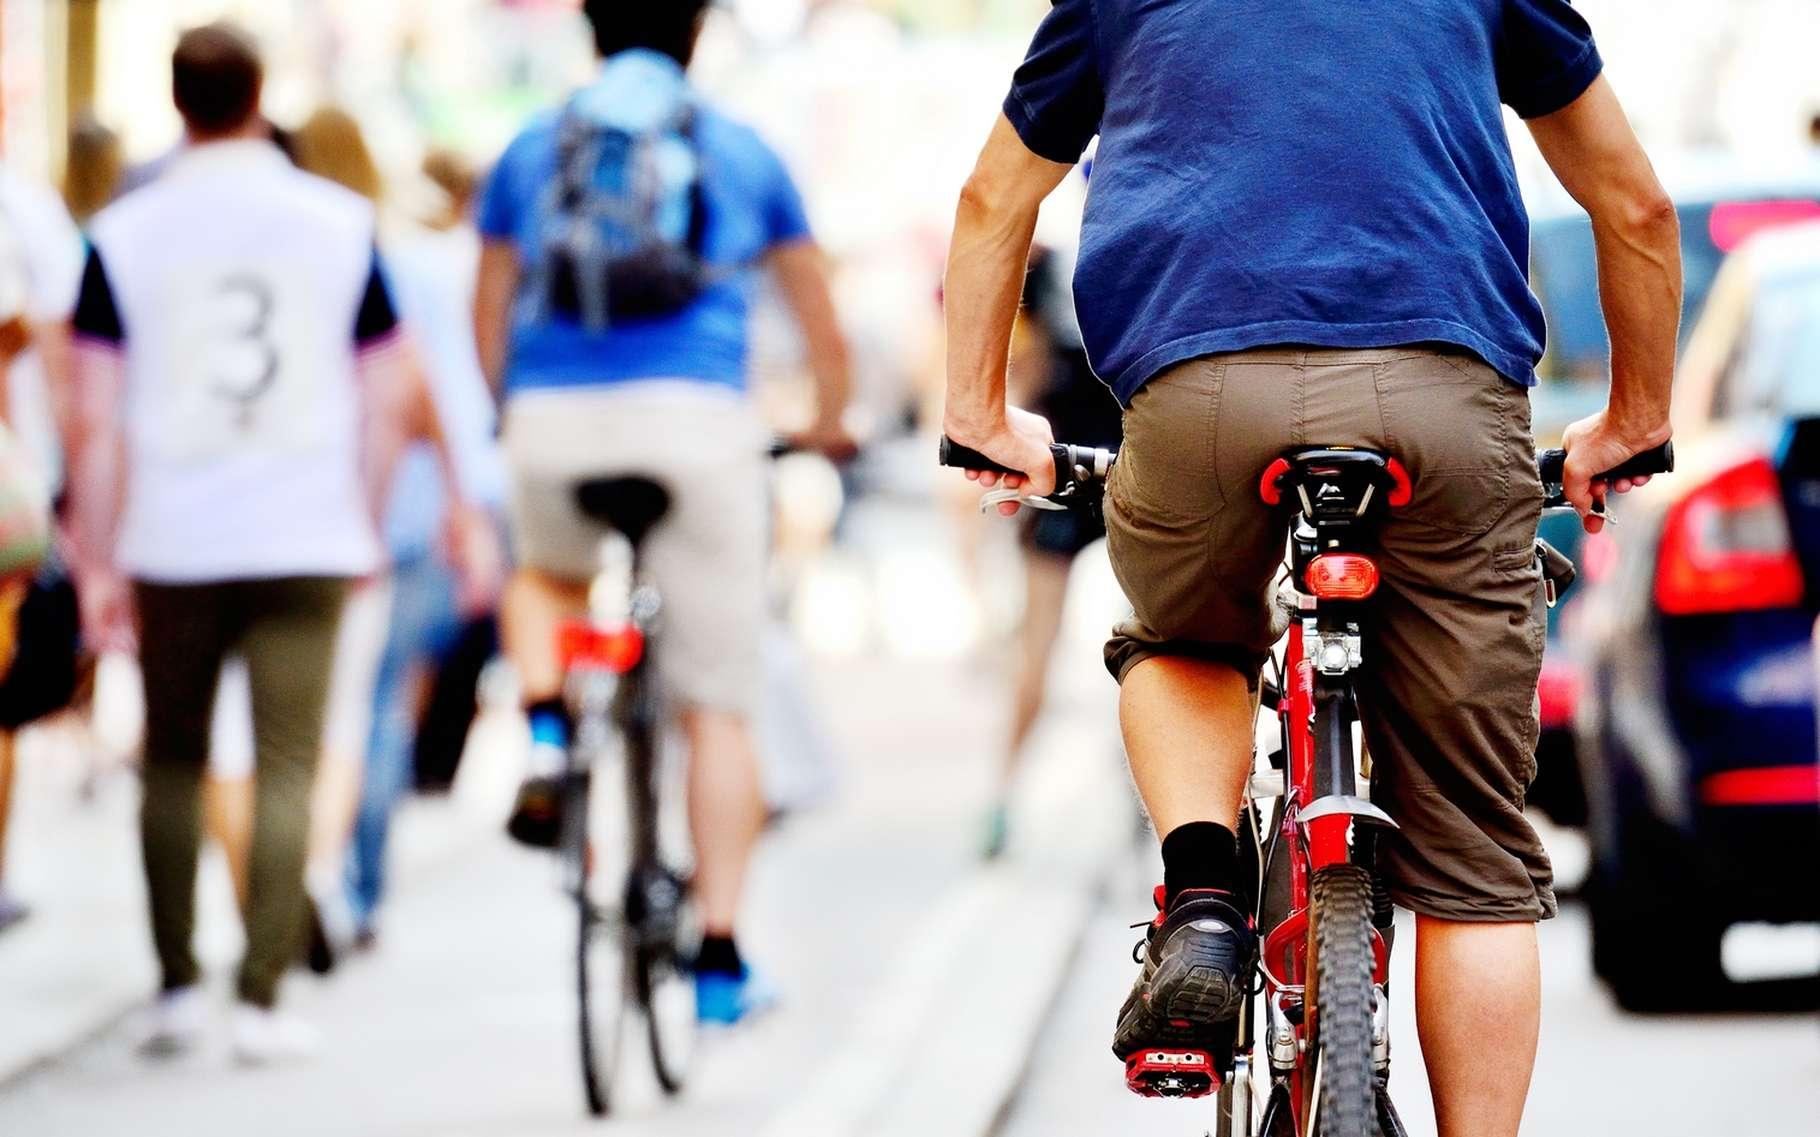 Pour une voiture autonome, les cyclistes ont des comportements compliqués à interpréter. Google travaille à ajouter une couche de sécurité afin que ses véhicules considèrent ces deux-roues comme des usagers de la route à part entière. © Connel, Shutterstock